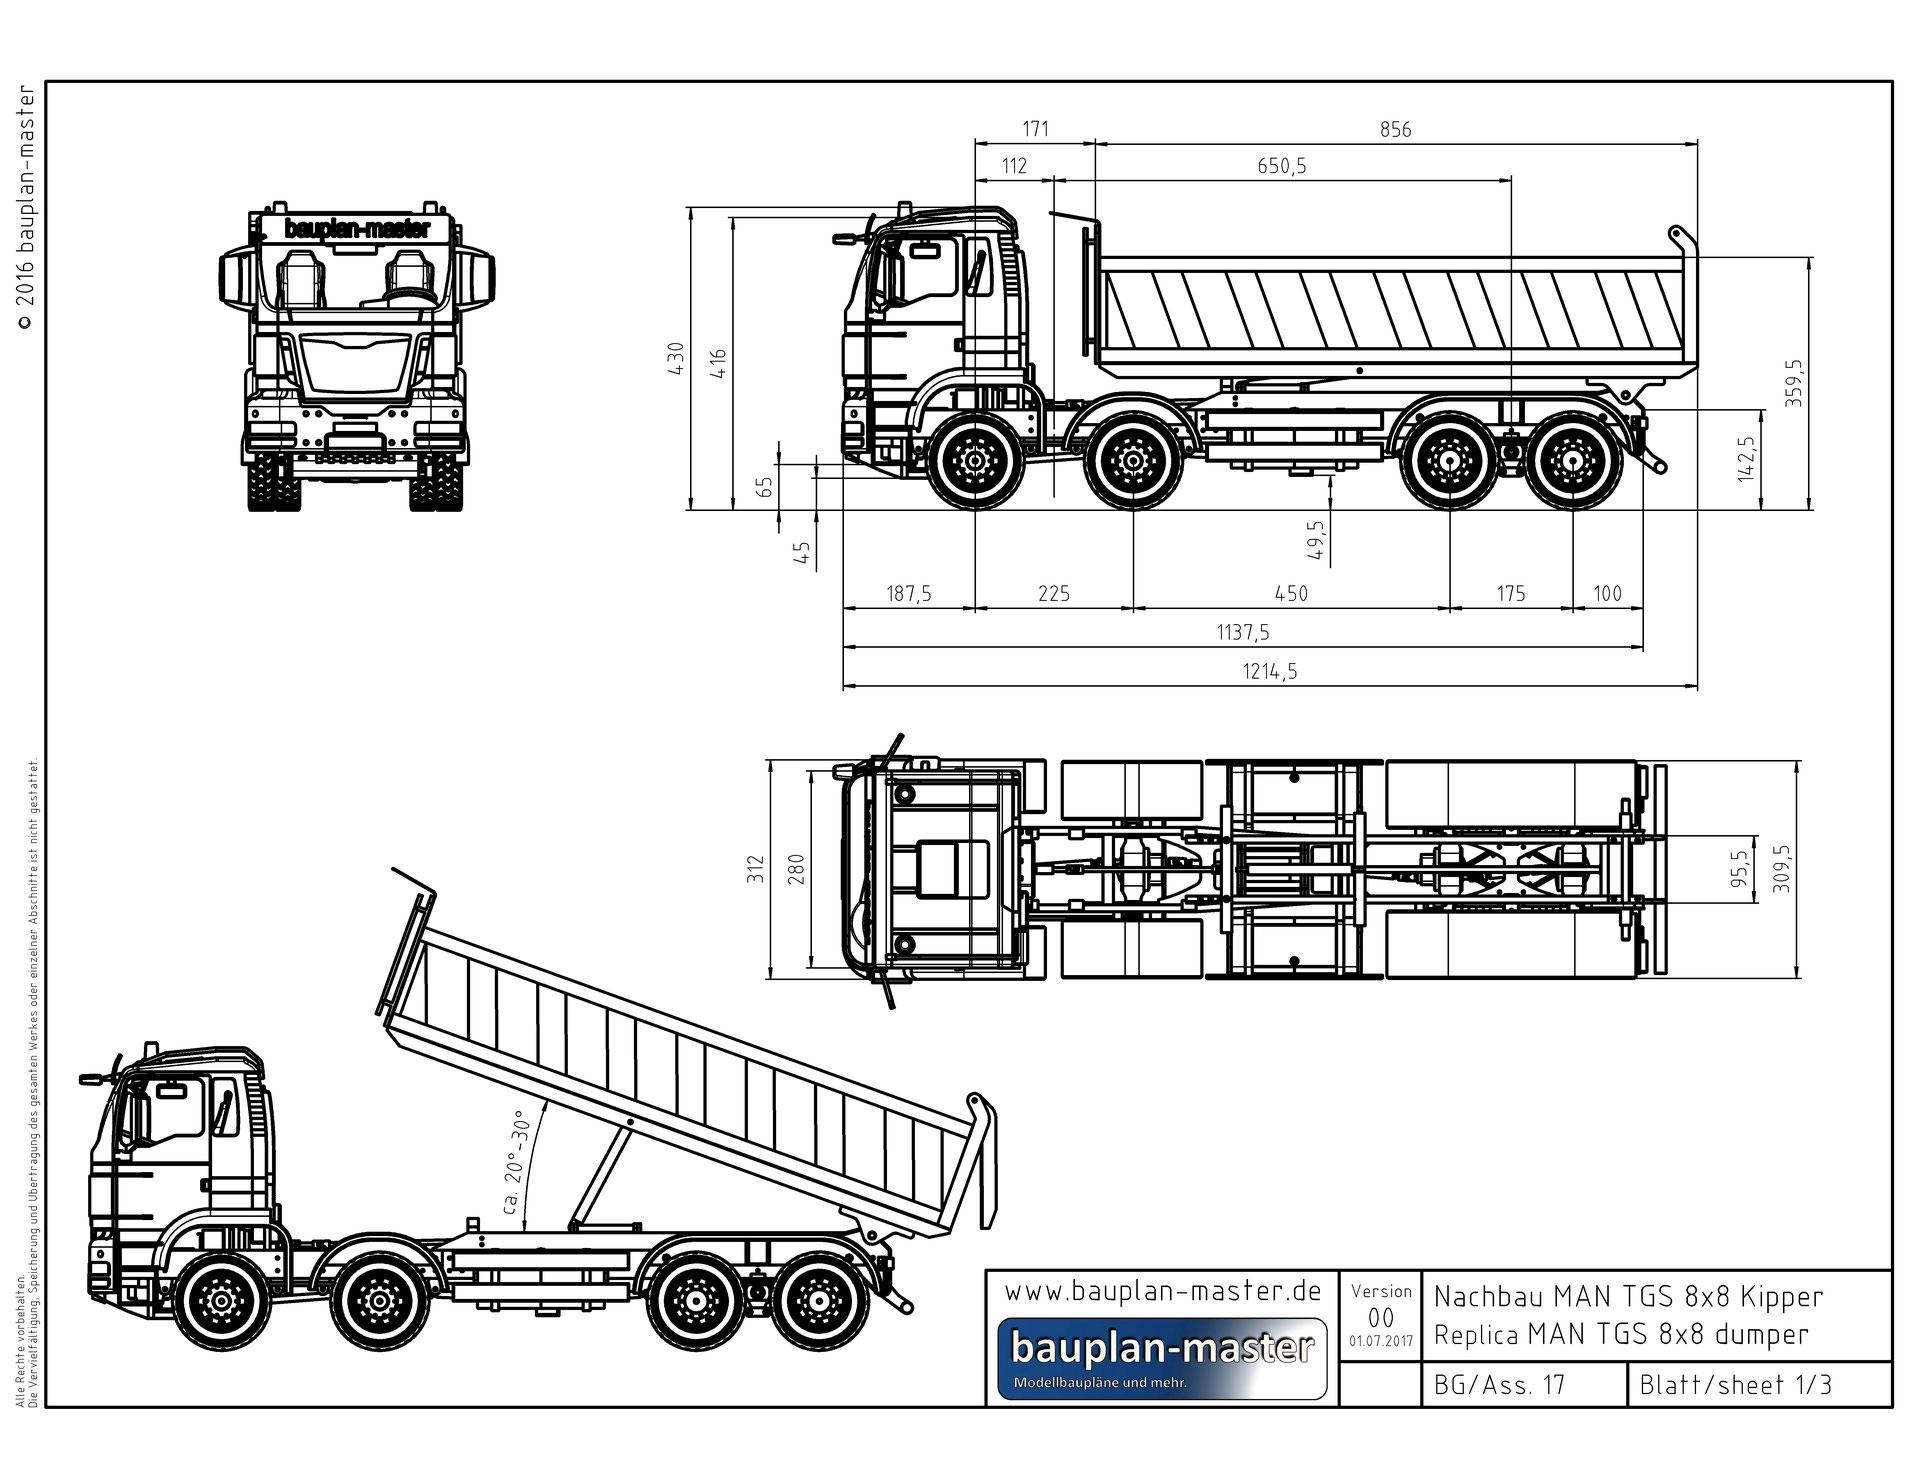 Modellbauplan Man Tgs 8x8 Kipper Im Massstab 1 8 Bauplan Master